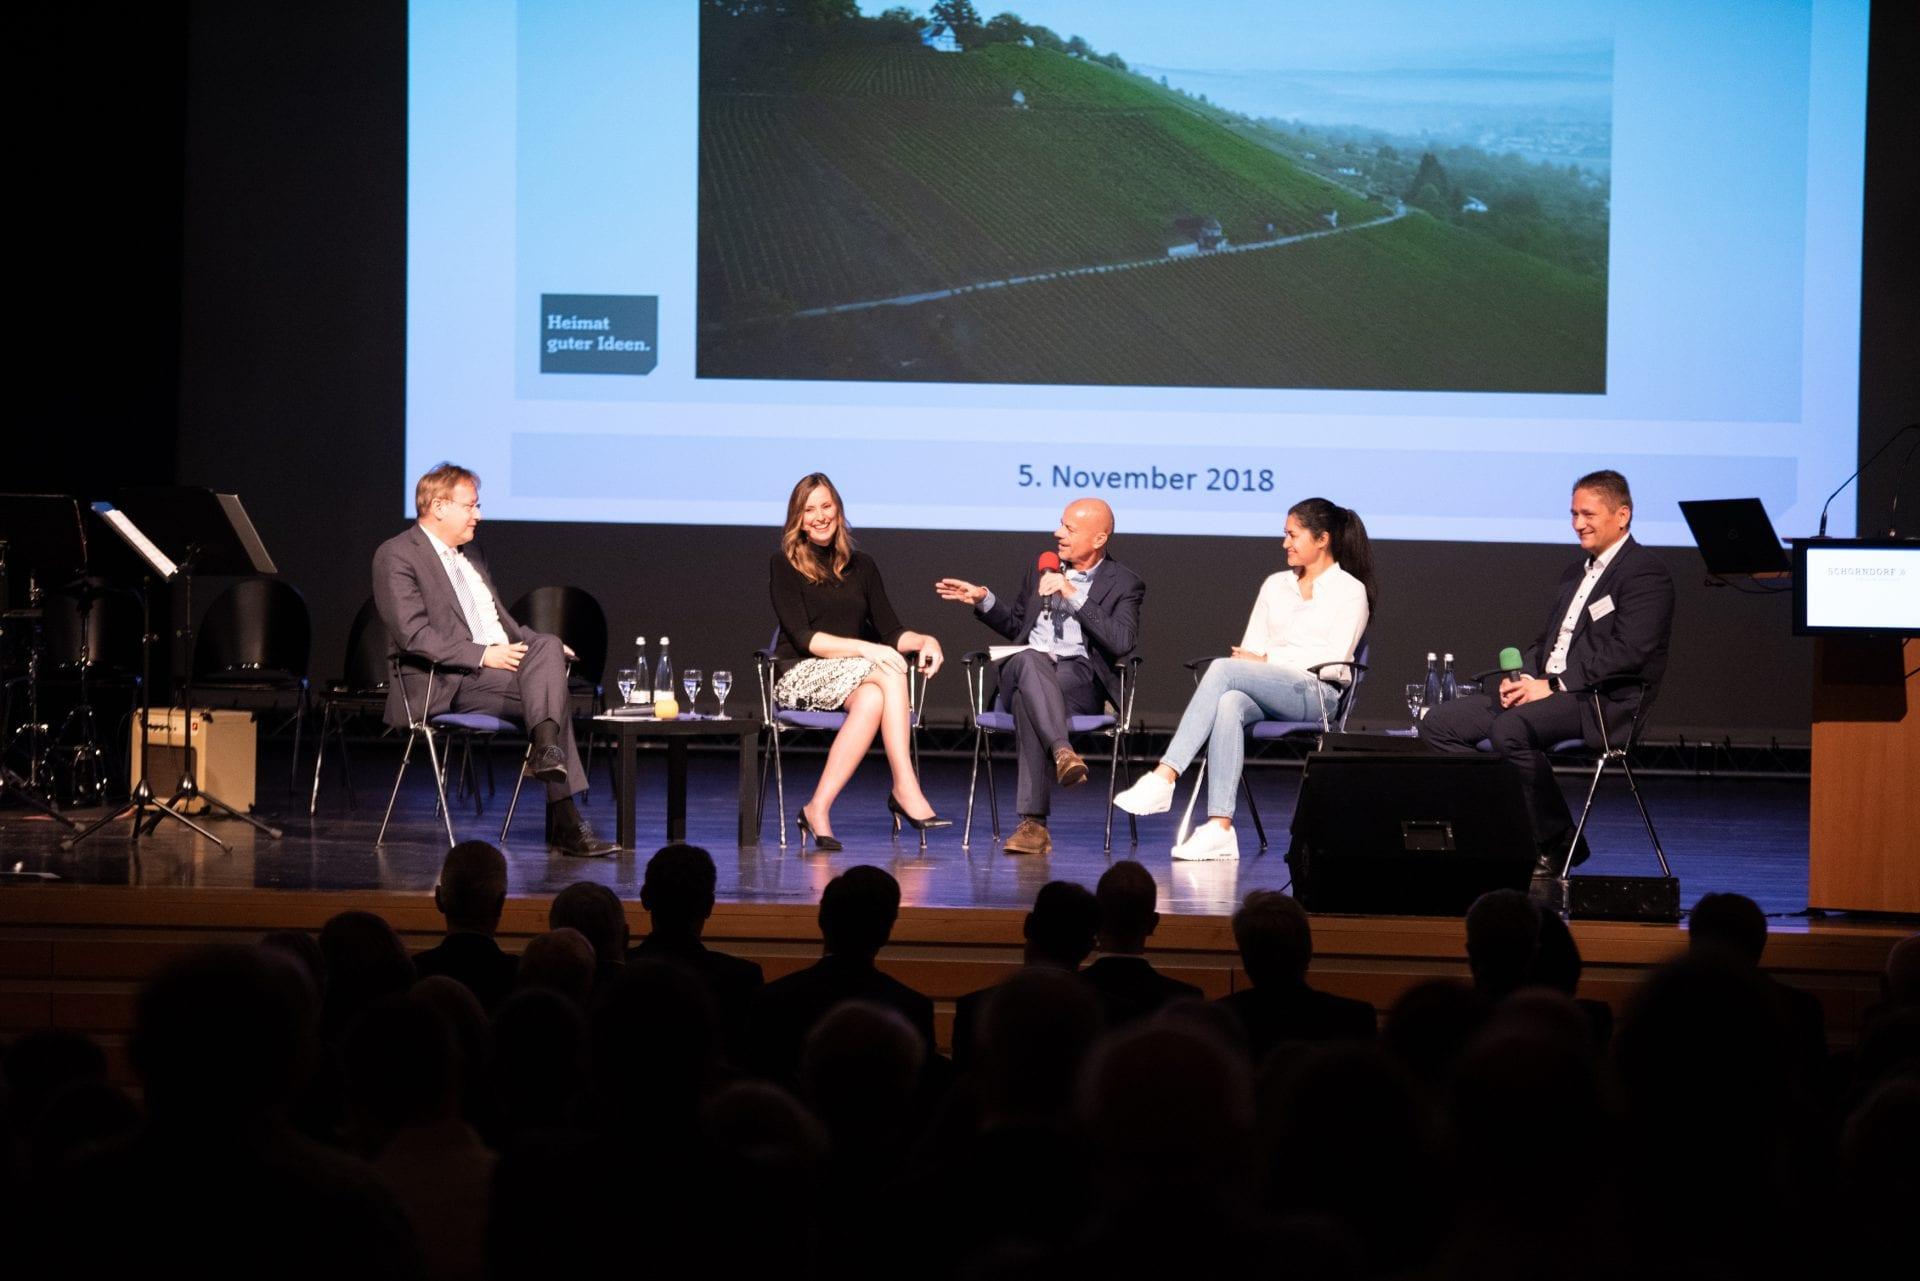 Kristina zur Mühlen als Gast der Podiumsdiskussion beim Schorndorfer Unternehmerforum 2018